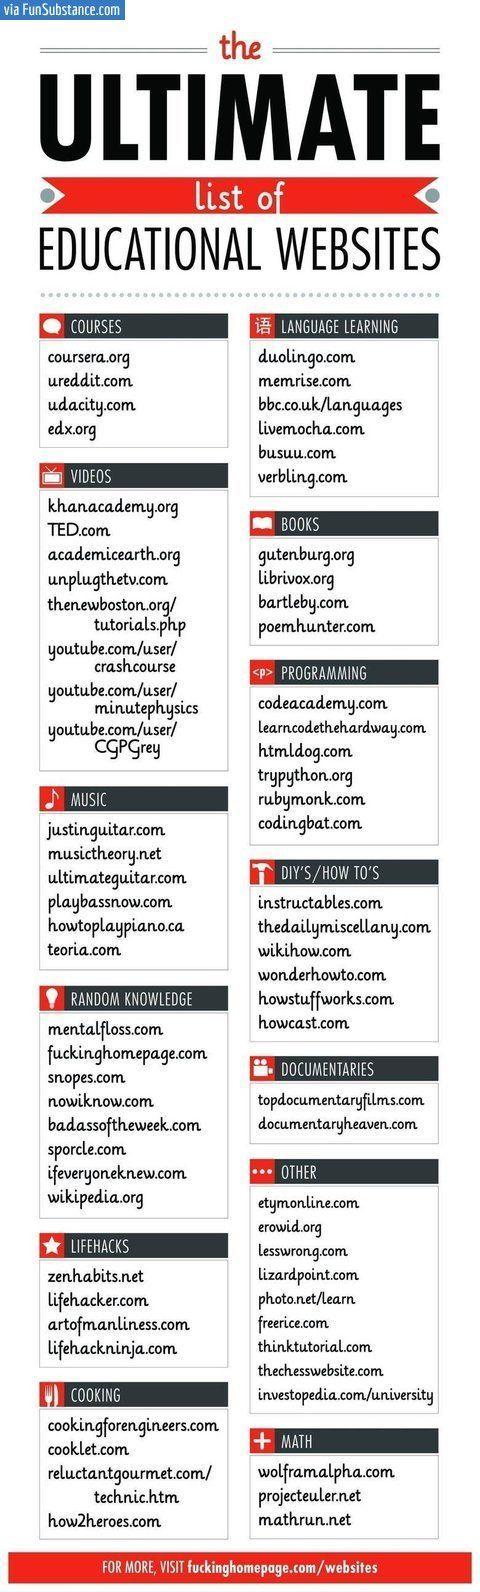 Useful websites - FunSubstance.com